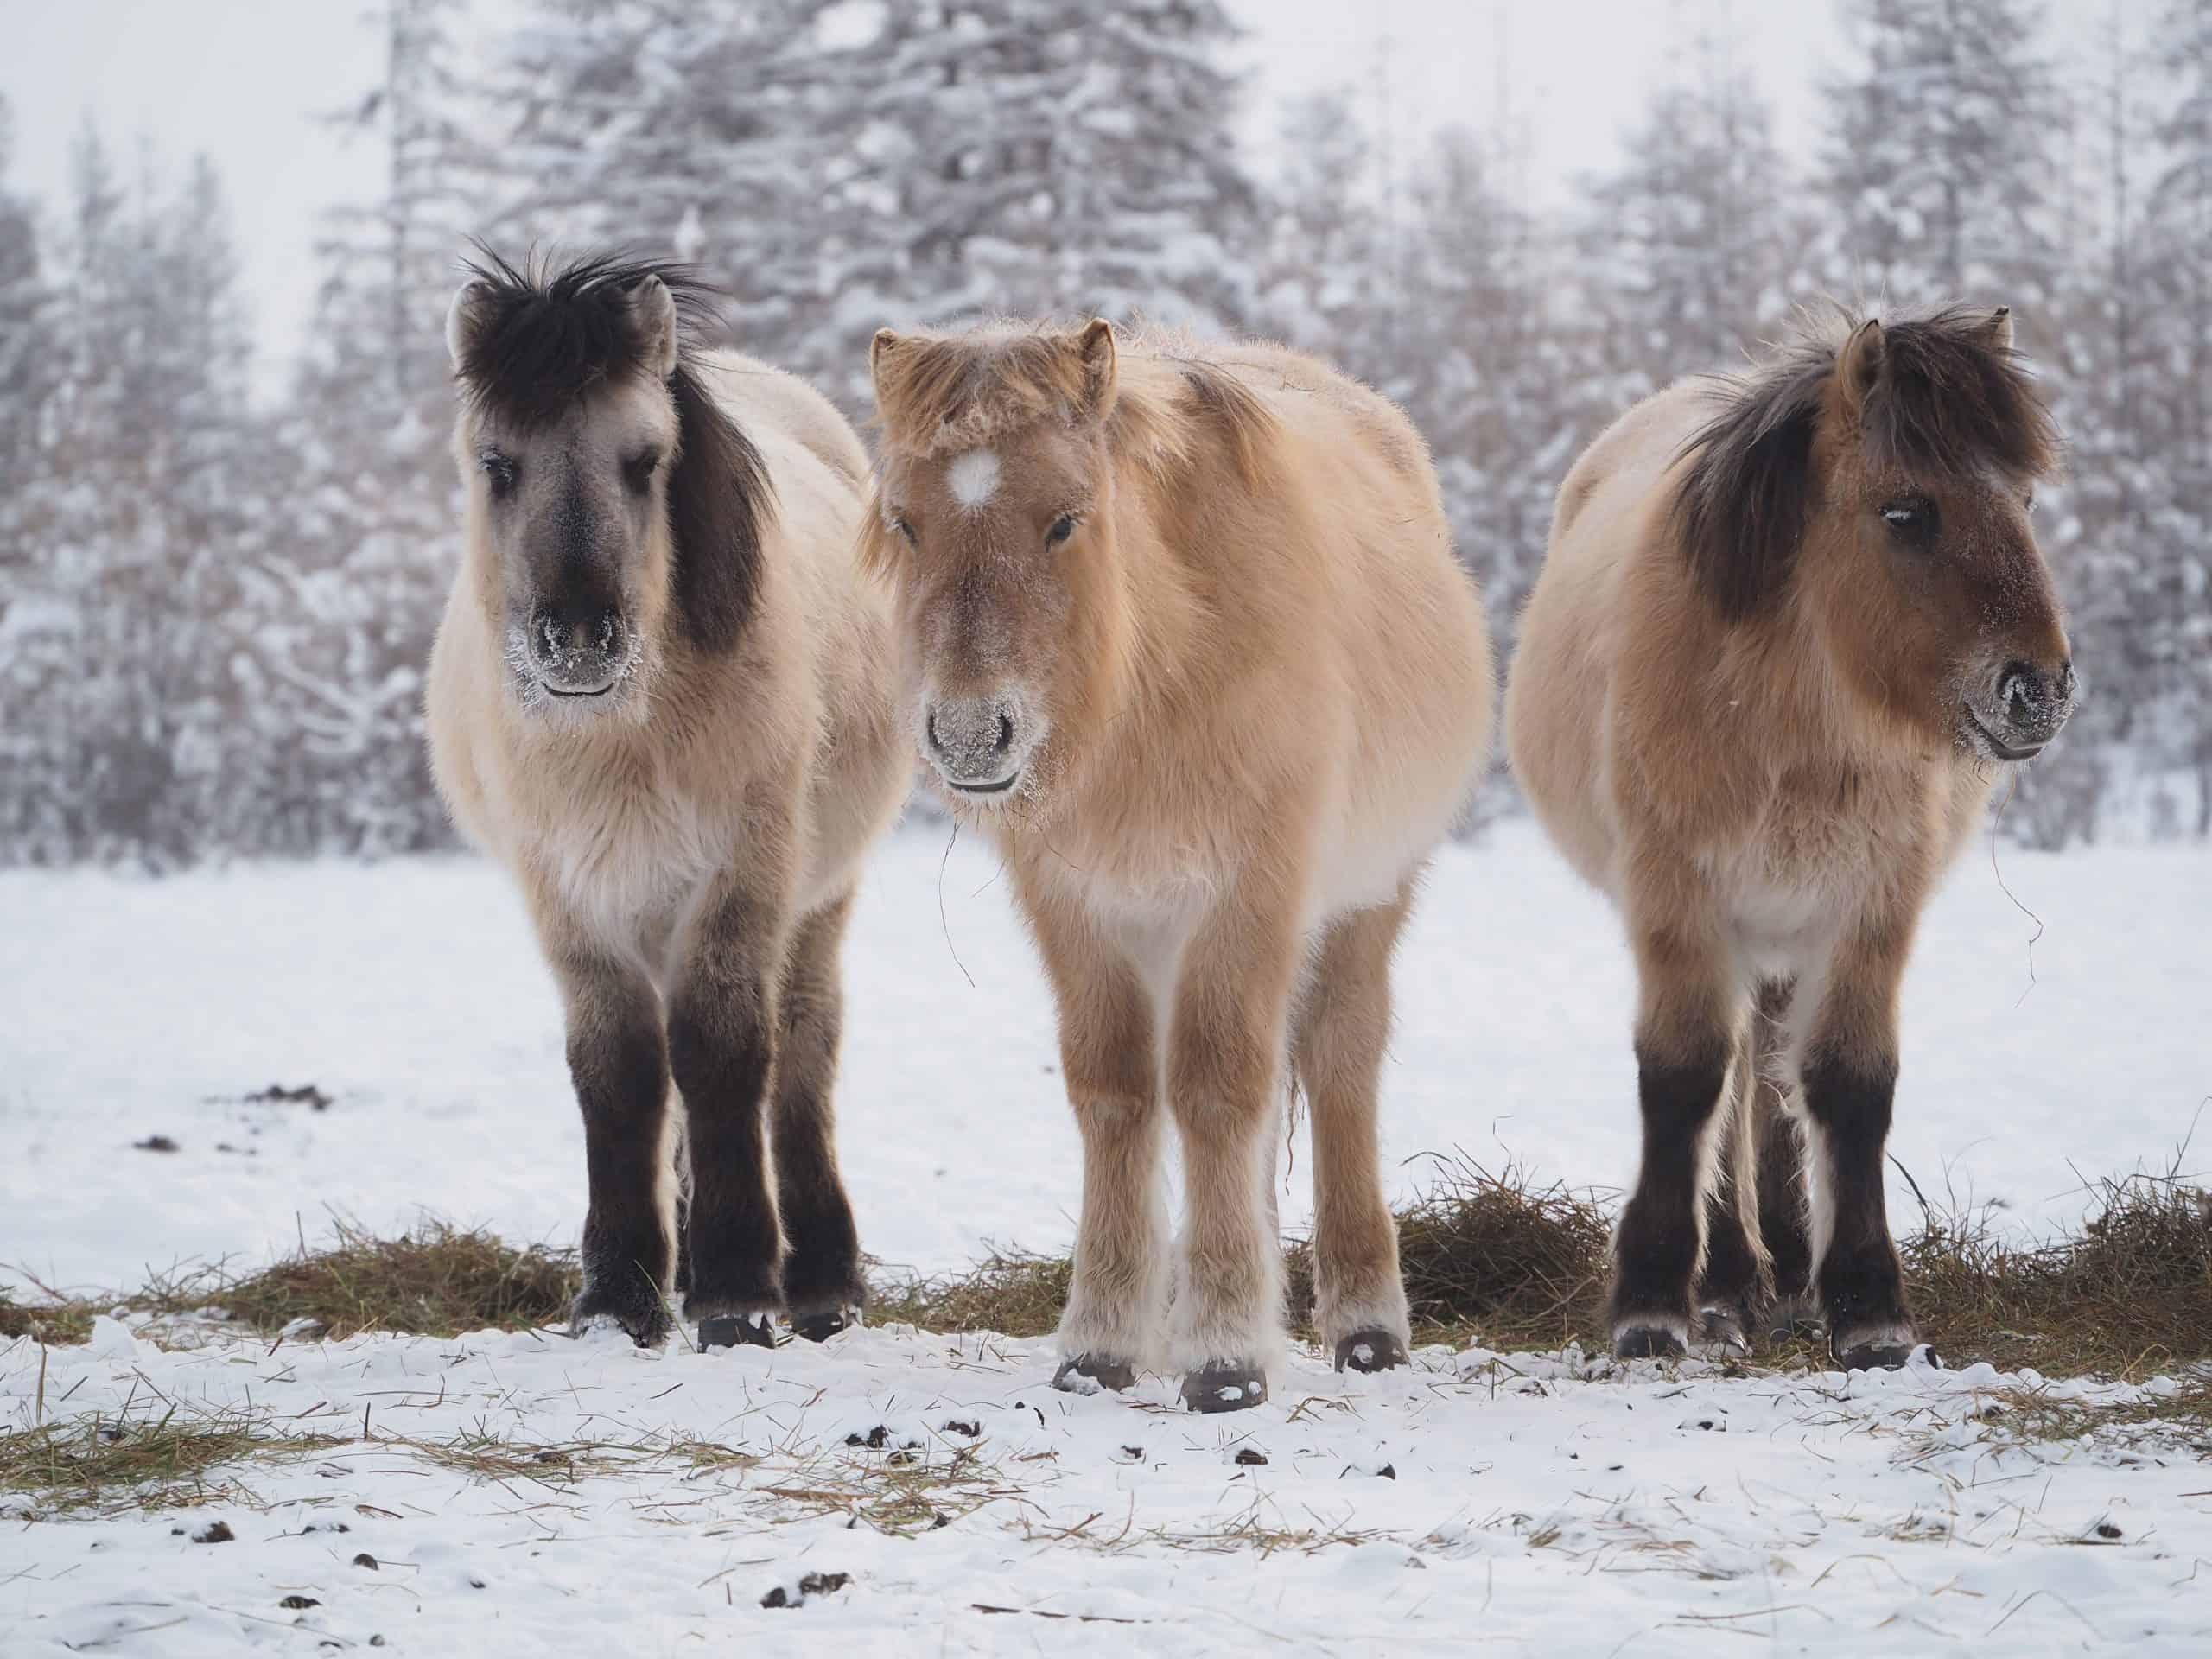 Yakut horses graze at winter sunset, Yakutia, Russia